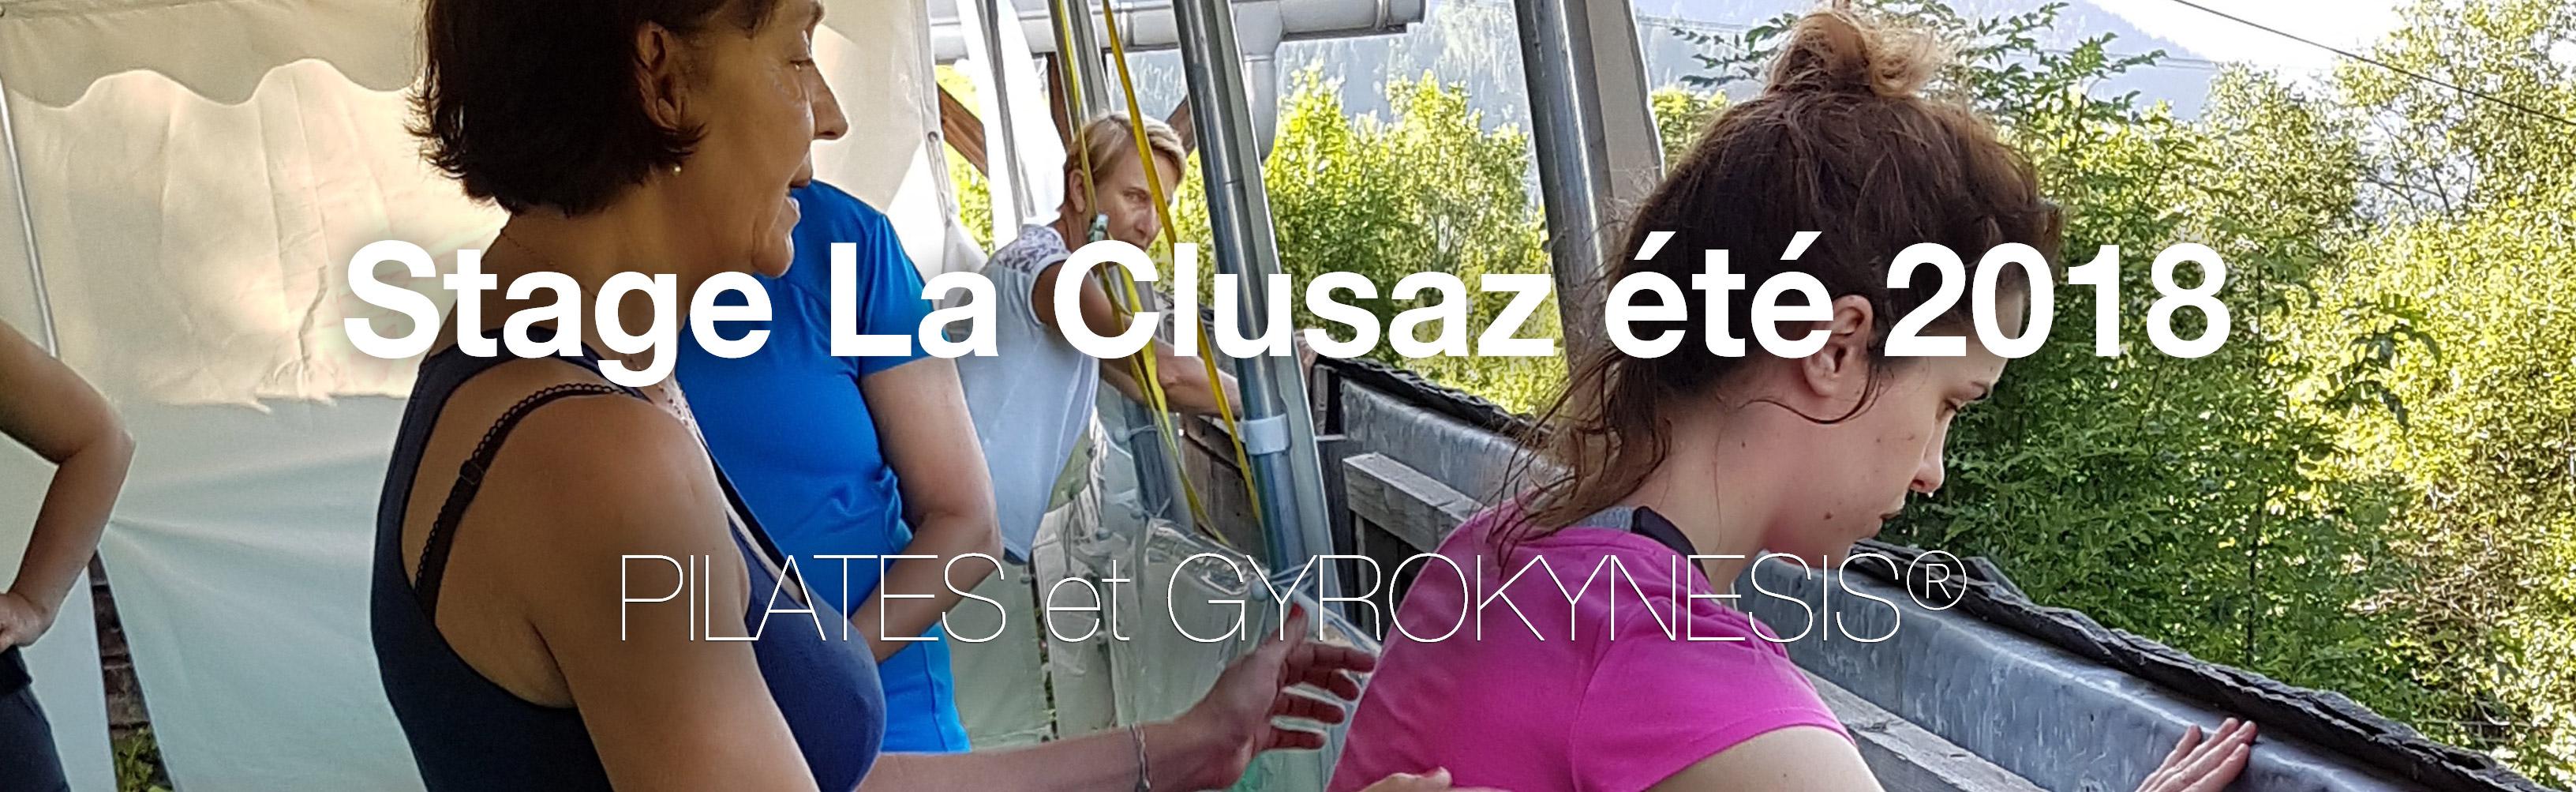 Session Pilates/Gyrokinesis et autres techniques corporelles à La Clusaz été 2018